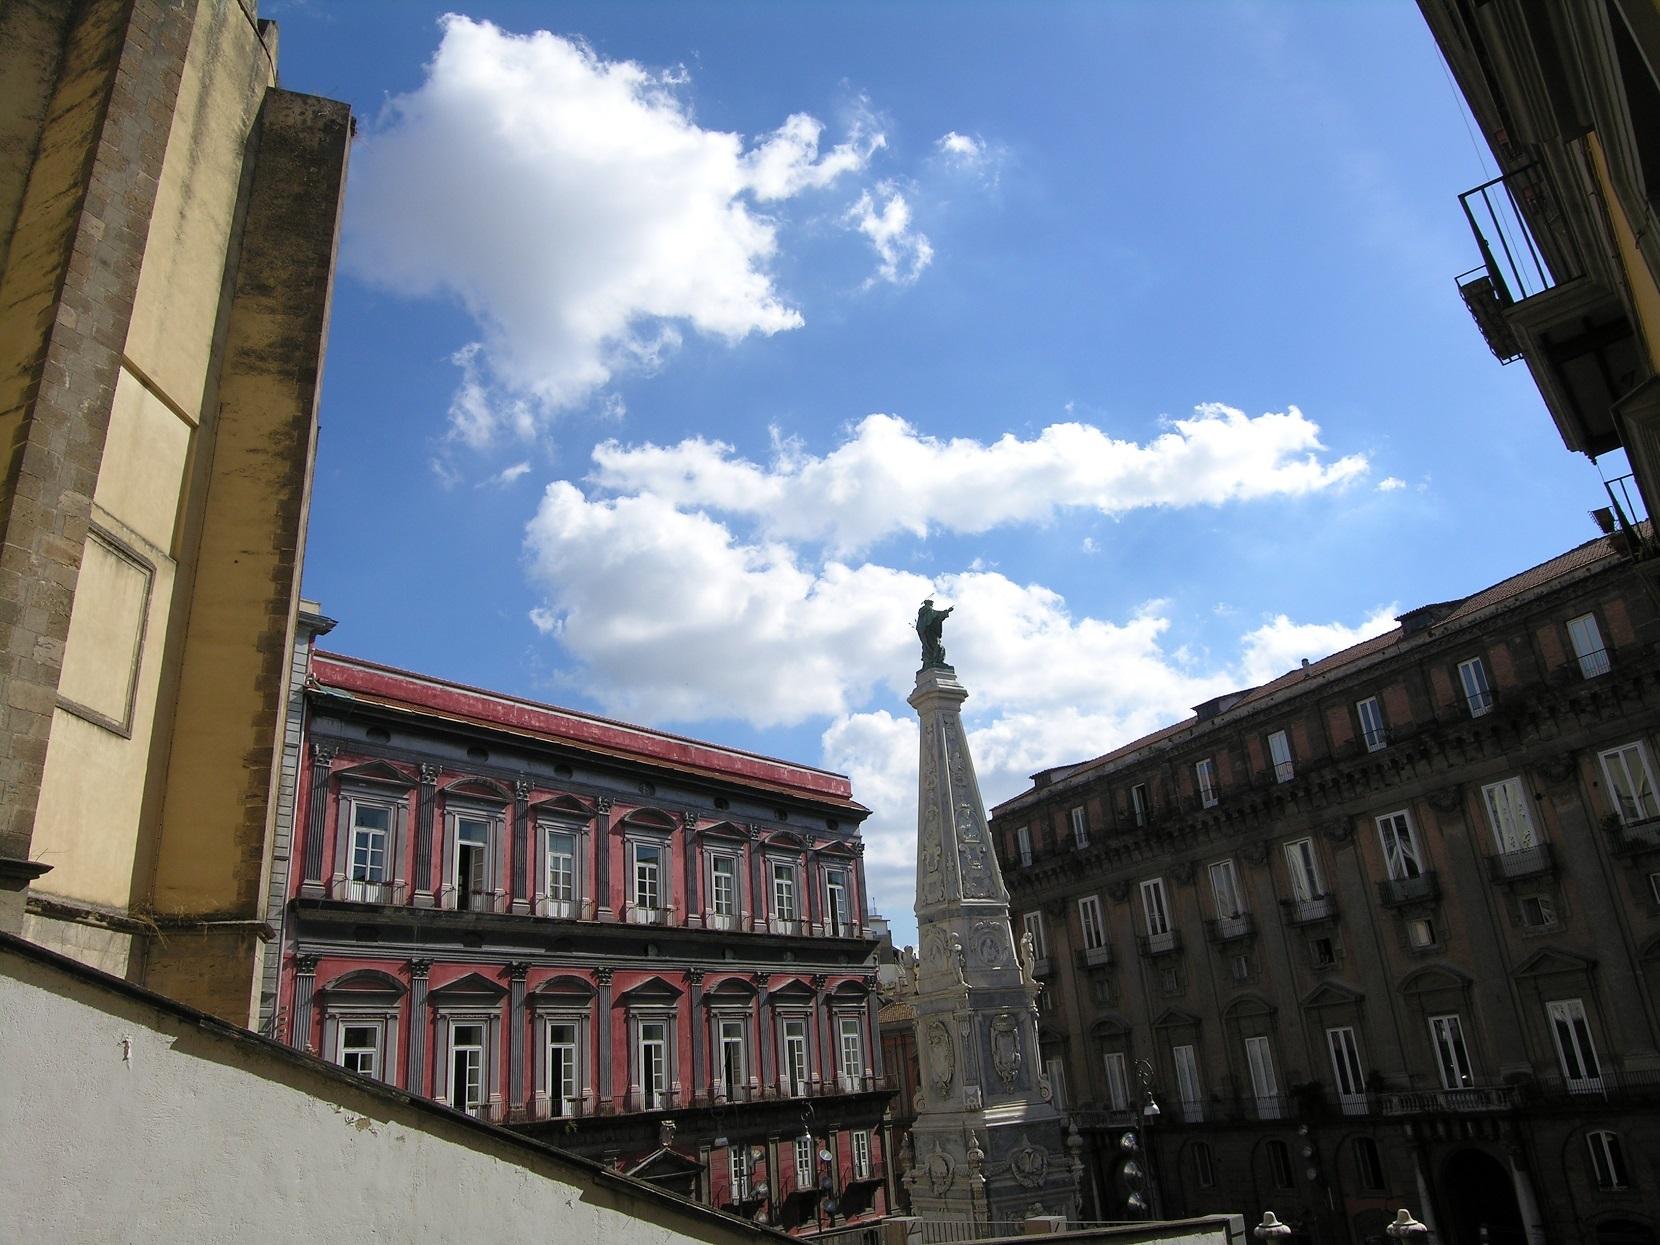 Napoli, Piazza San Domenico Maggiore, Spaccanapoli